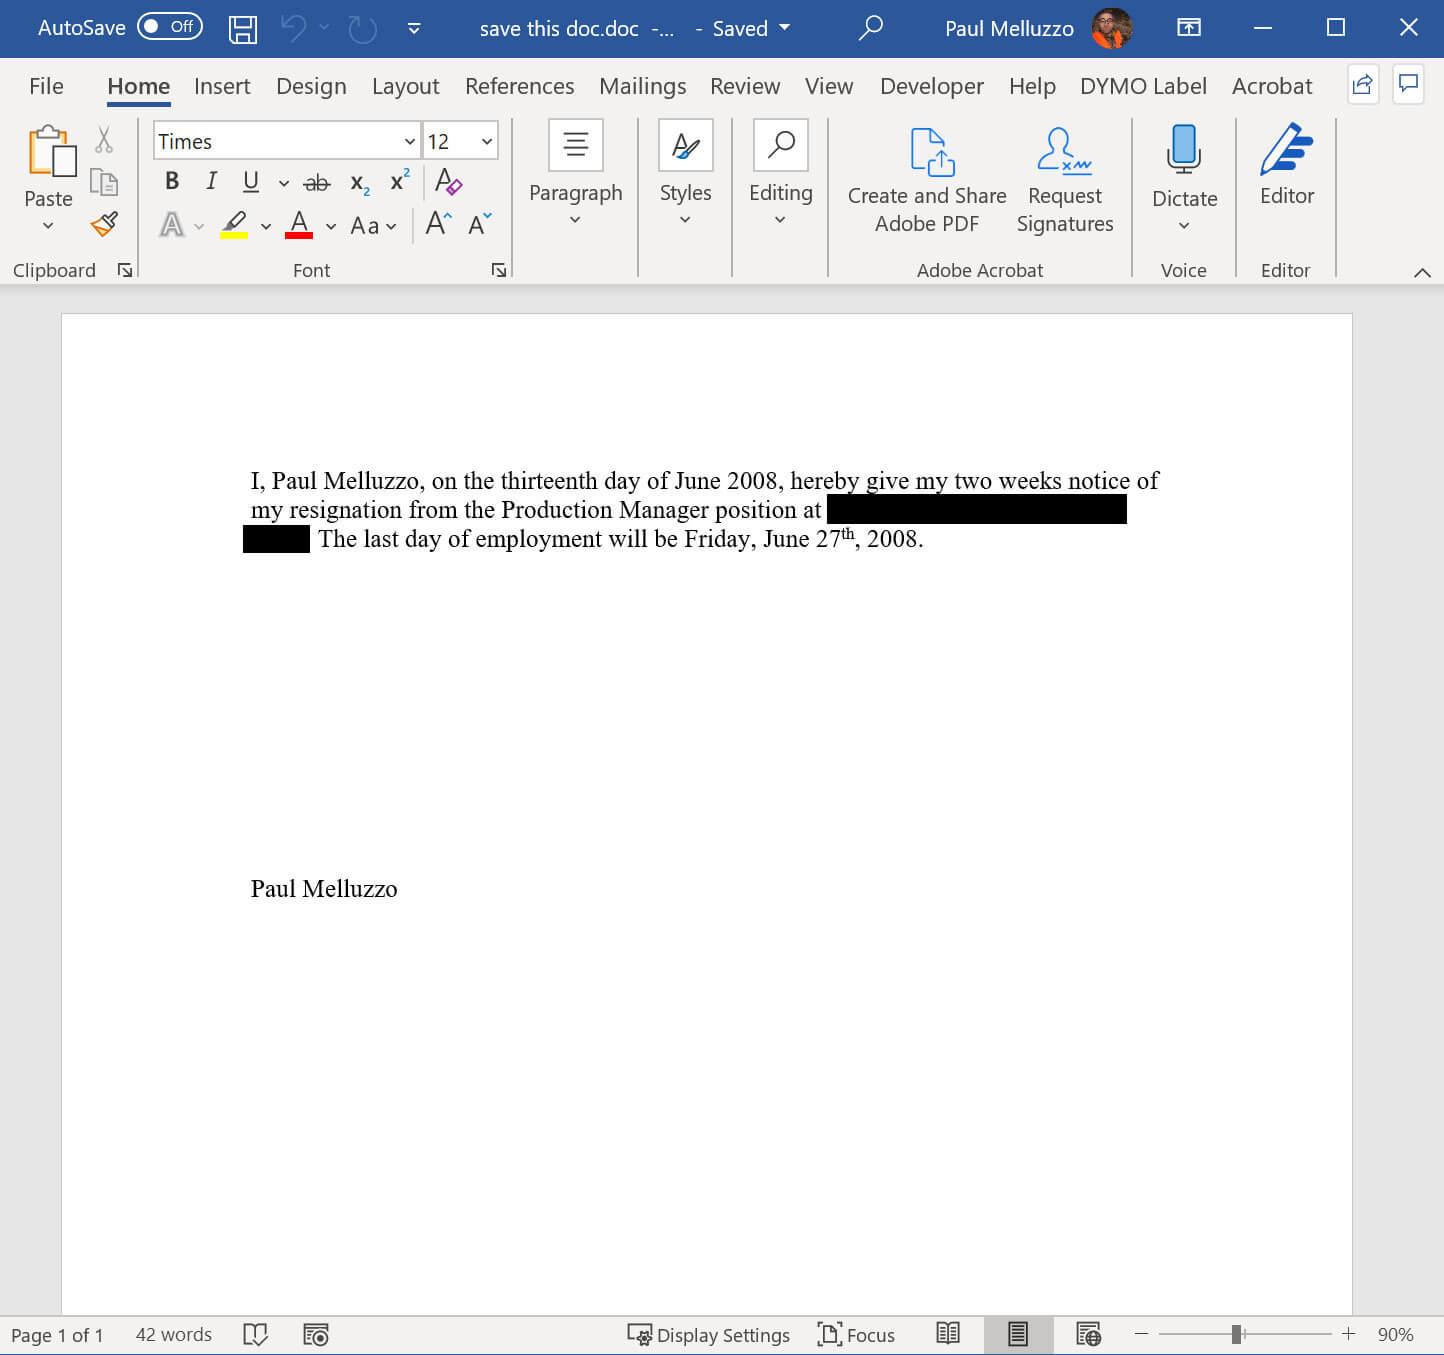 Resignation Letter 2008